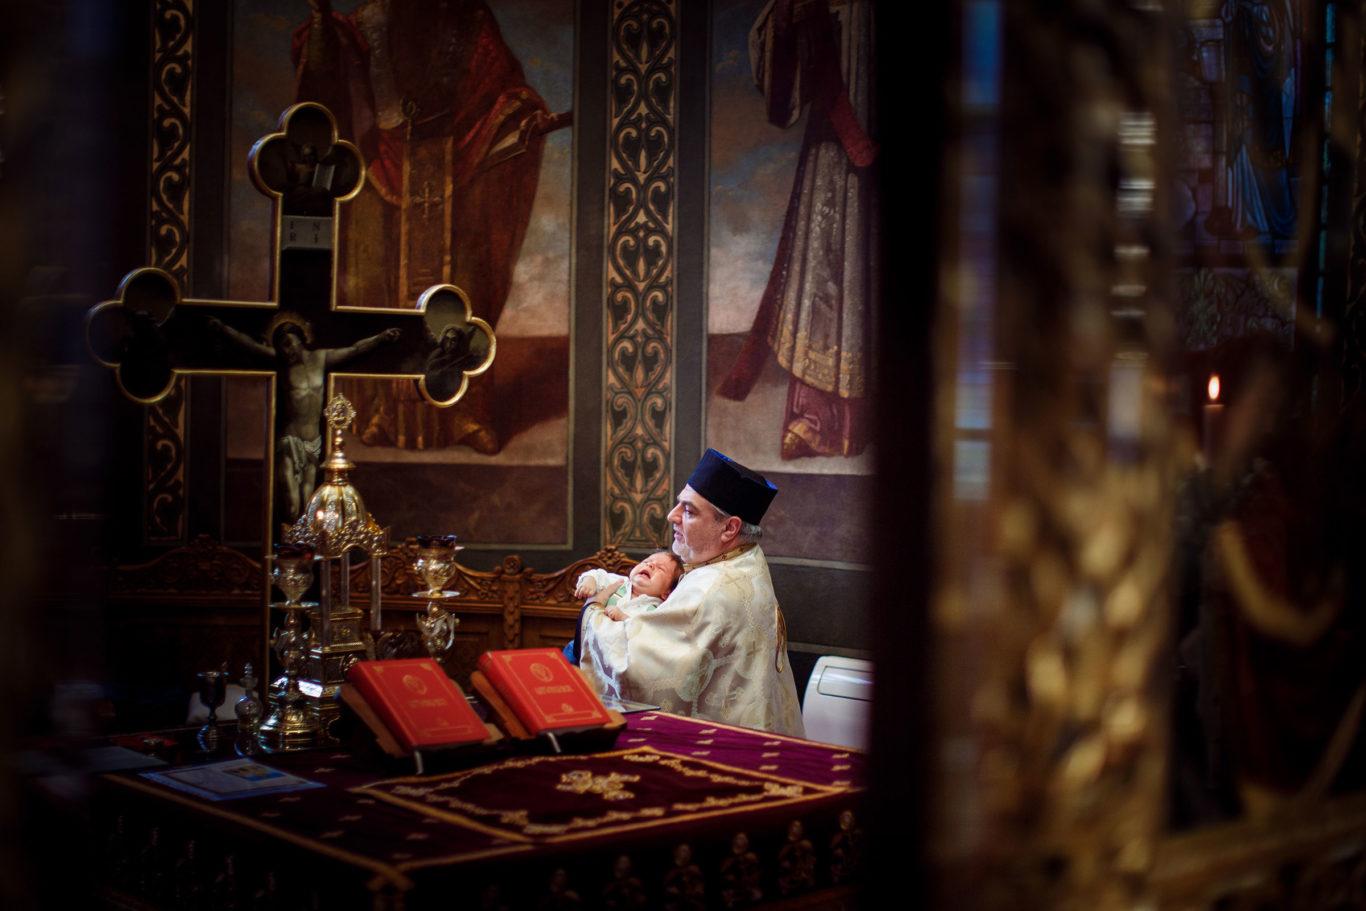 027-Fotografii-botez-Matei-fotograf-Ciprian-Dumitrescu